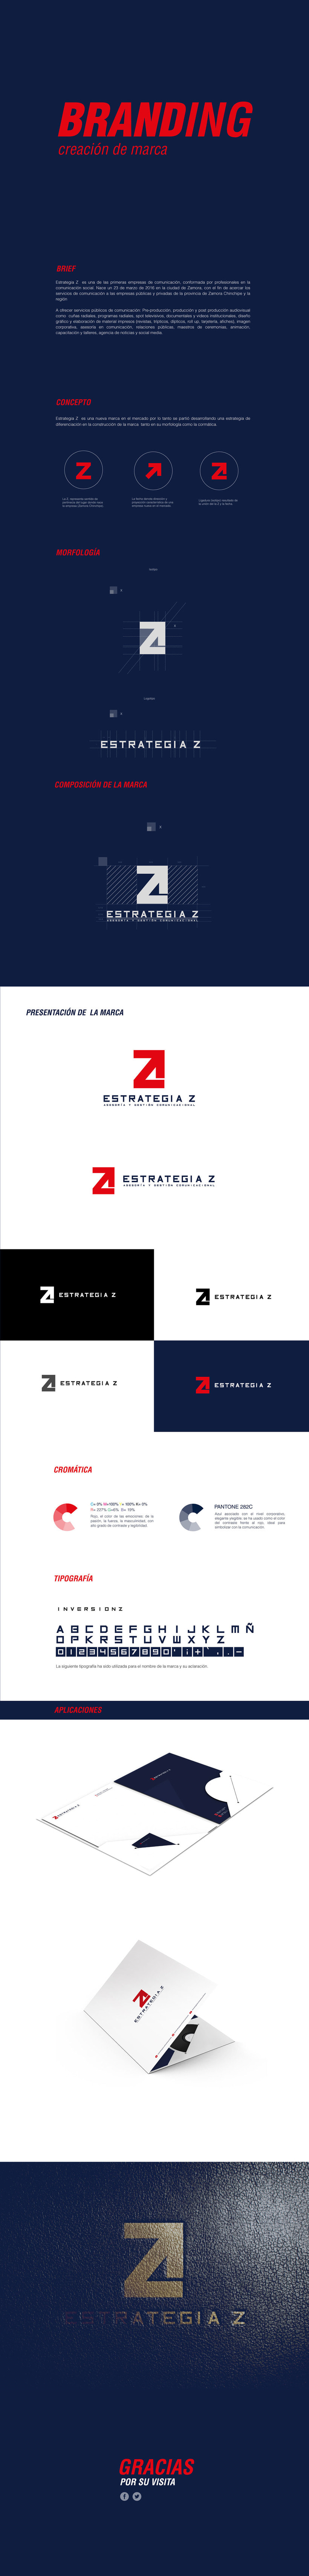 Branding Estrategia Z -1